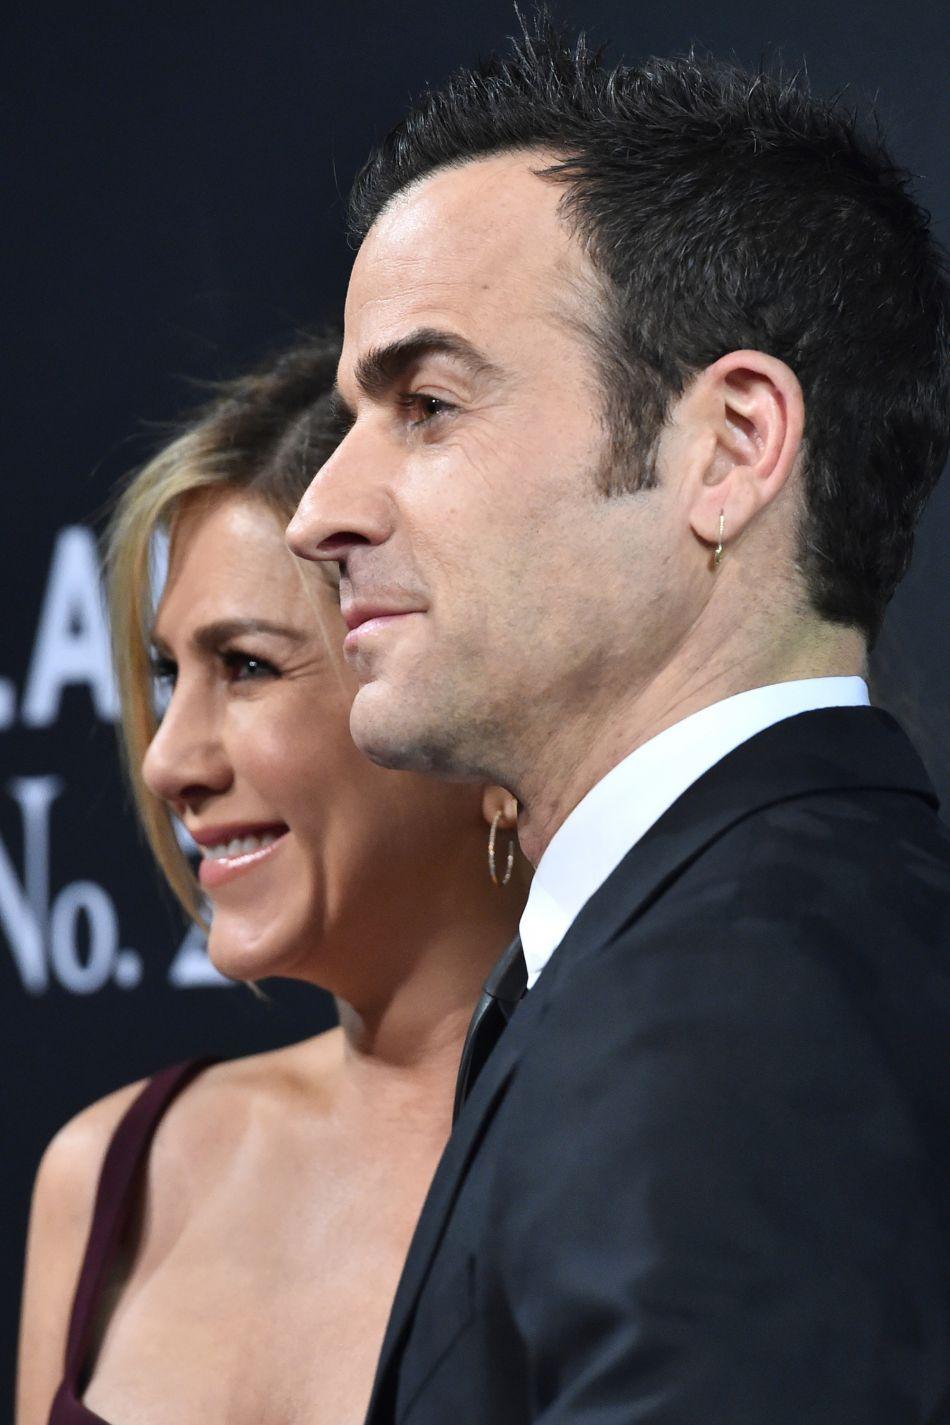 Justin Theroux aurait rendu sa compagne furieuse en n'organisant aucune surprise pour leur première anniversaire de mariage.